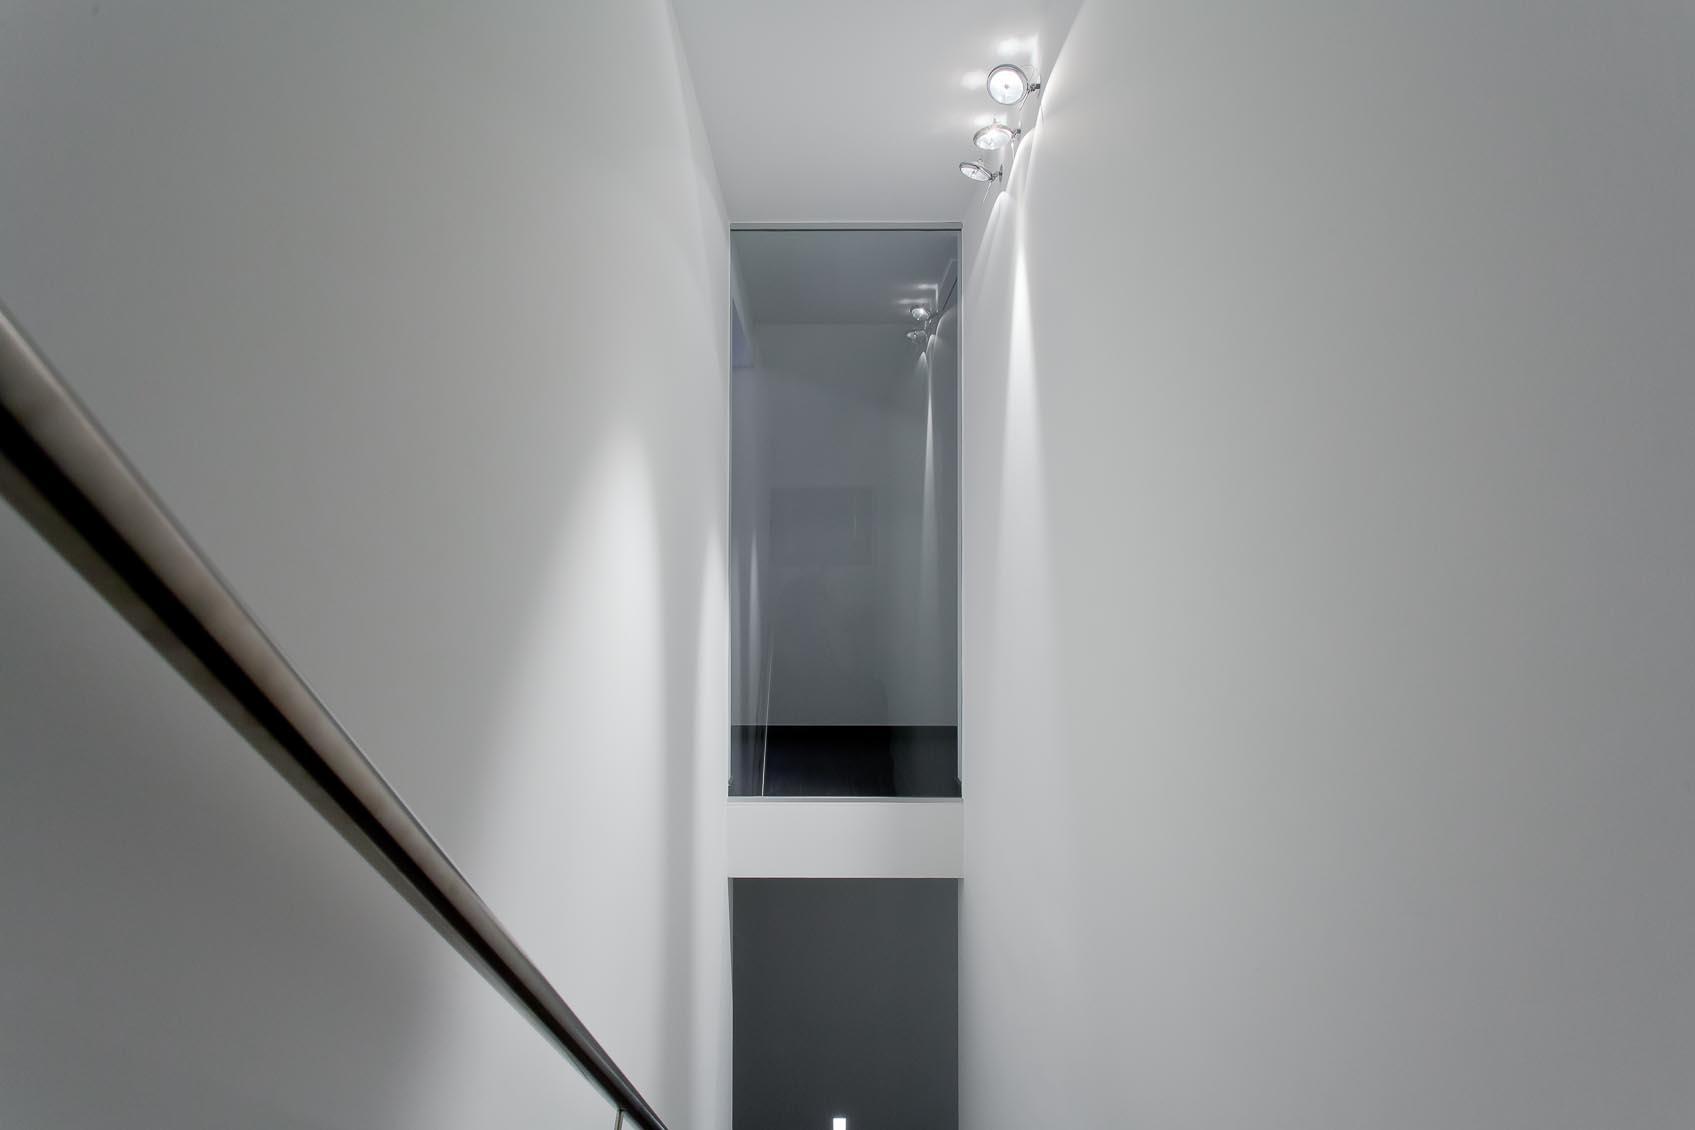 viabizzuno mexcal ar111 half inbouw spot, functionele verlichting aan trap met de juiste sfeer